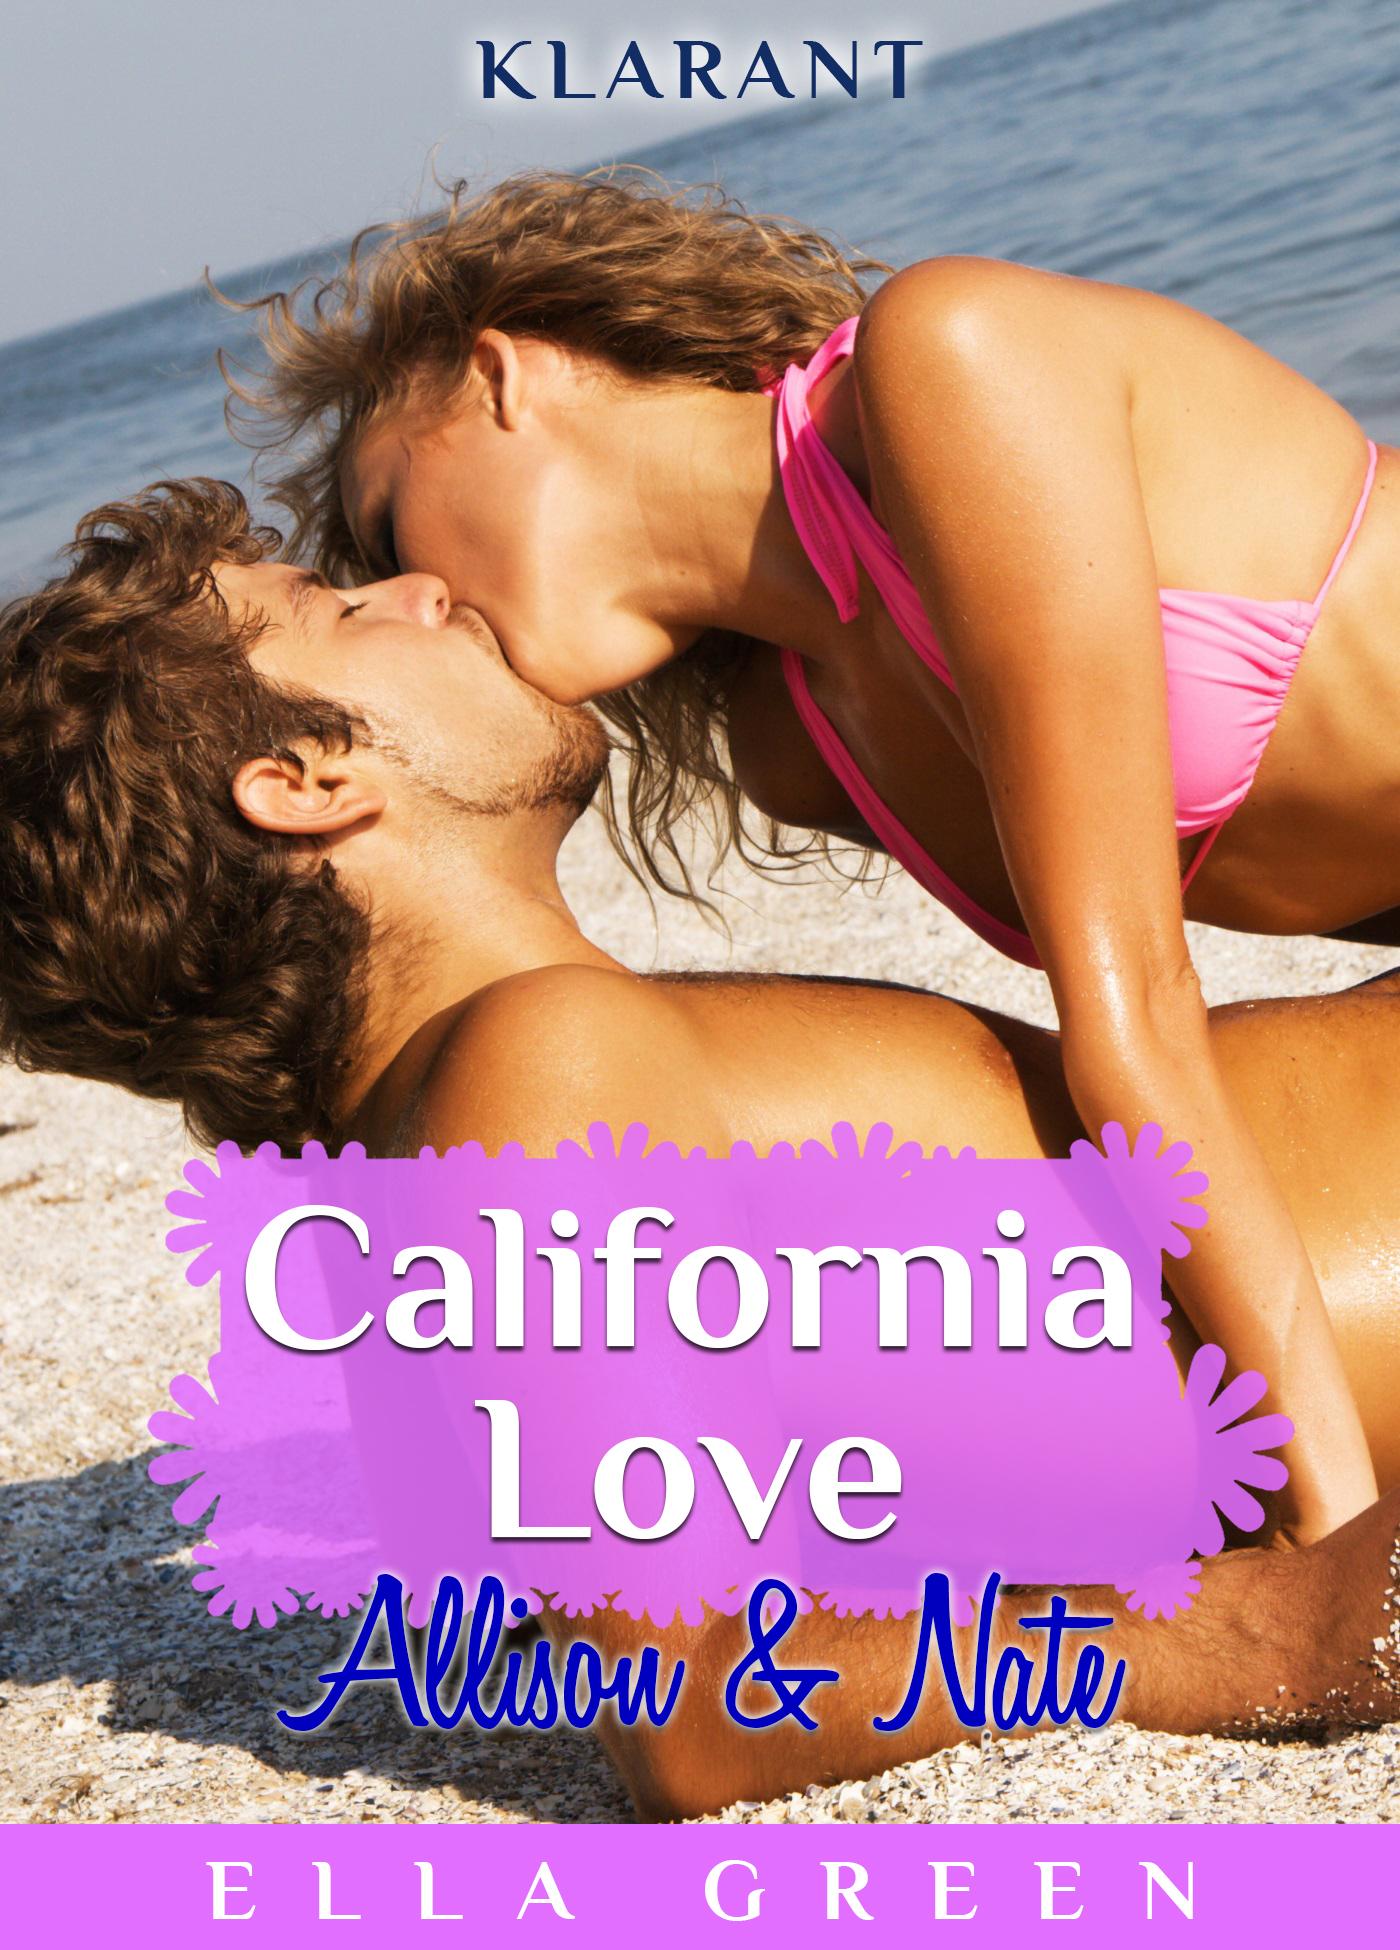 Nate ist von Allison, der hübschen neuen Bedienung im Yachtclub von Portside Beach, vom ersten Moment an hin und weg. Auch die schüchterne Allison fühlt sich von dem gut aussehenden College-Boy angezogen, aber sie glaubt, dass sie nicht genug für Nate ist. Also gibt sie ihm eine Abfuhr, und das gleich zweimal!       Doch Nate spürt genau, dass sie ihn mag. Er bleibt hartnäckig und schließlich bekommt er sein Date, die beiden passen einfach perfekt zueinander. Auch Joey und Alec, zwei von Allisons Kollegen im Yachtclub, machen ihr Avancen, doch die beiden haben keine guten Absichten. Als Nate von dem hinterhältigen Plan erfährt, eskaliert die Situation. Er ist bereit, um seine Liebe zu kämpfen ...